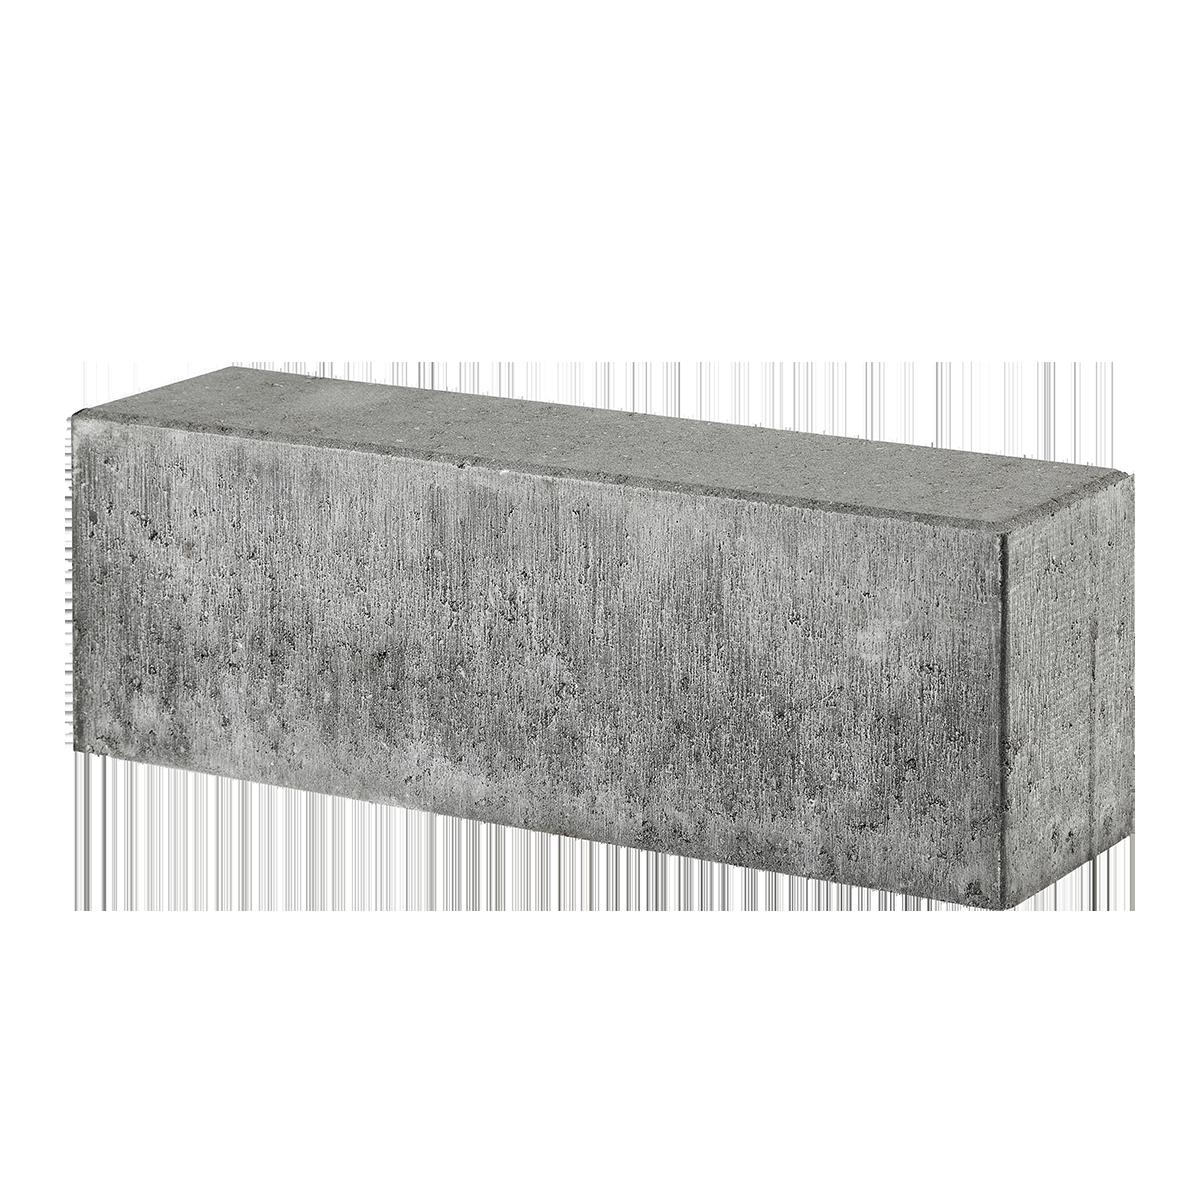 Albertslundkantsten 15x20x60 cm Grå vandret overside